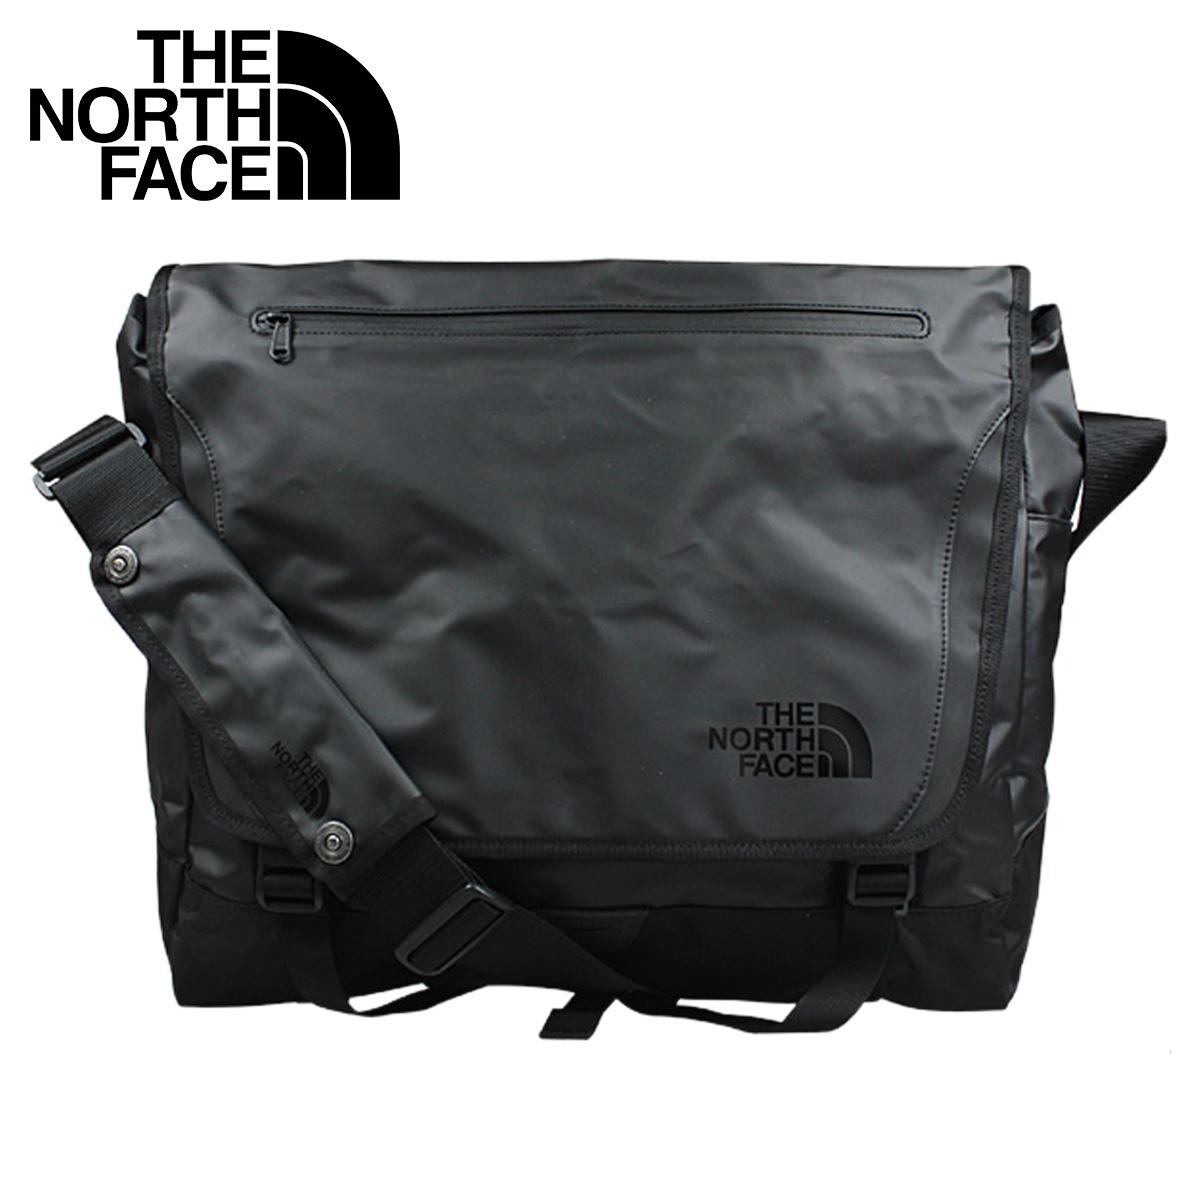 tnf bag